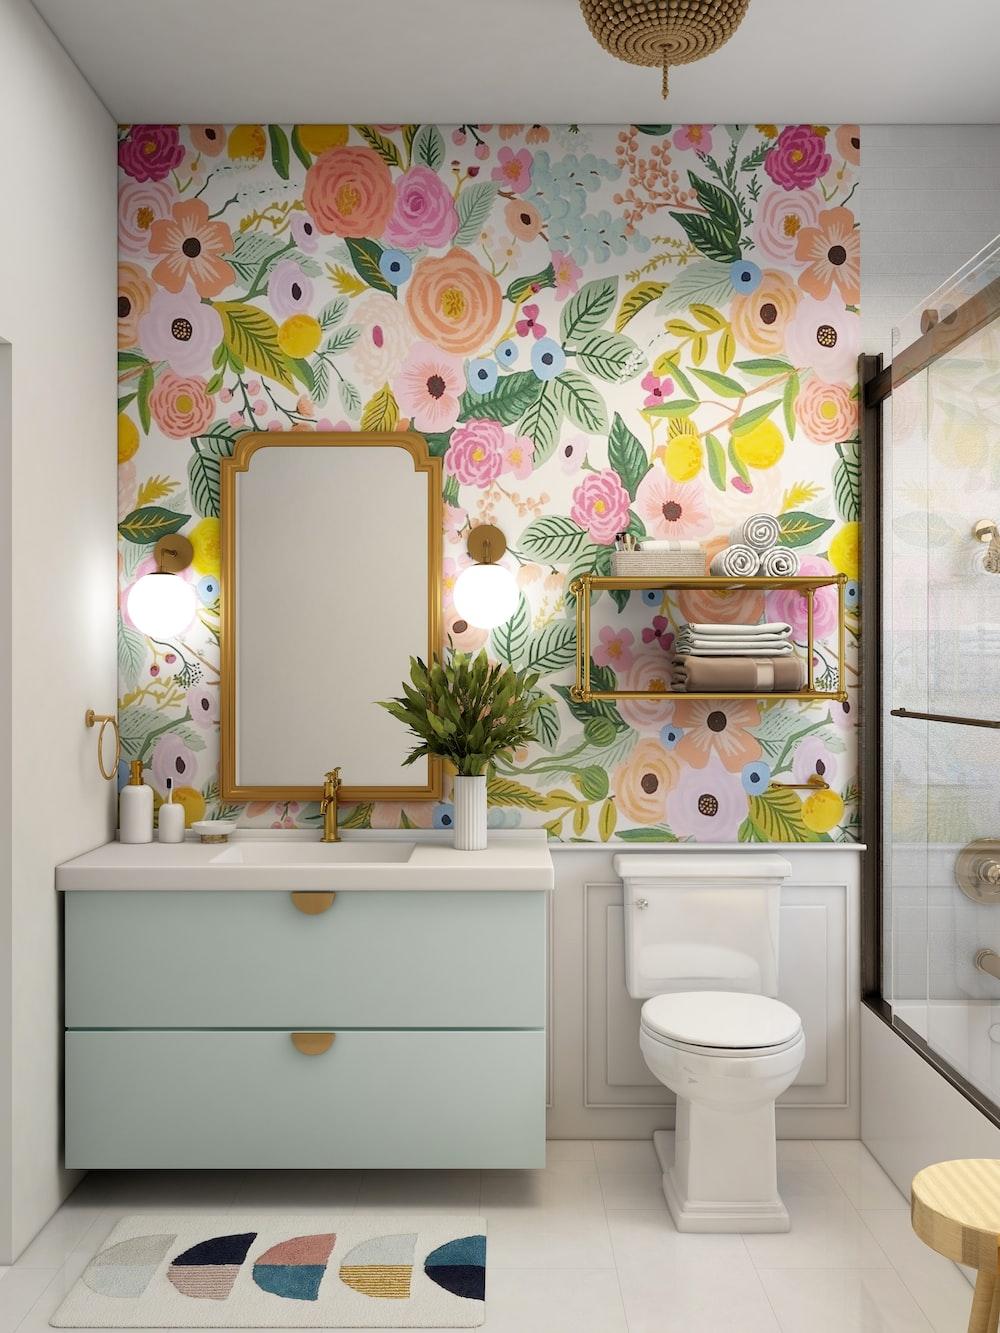 white ceramic toilet bowl near white ceramic sink